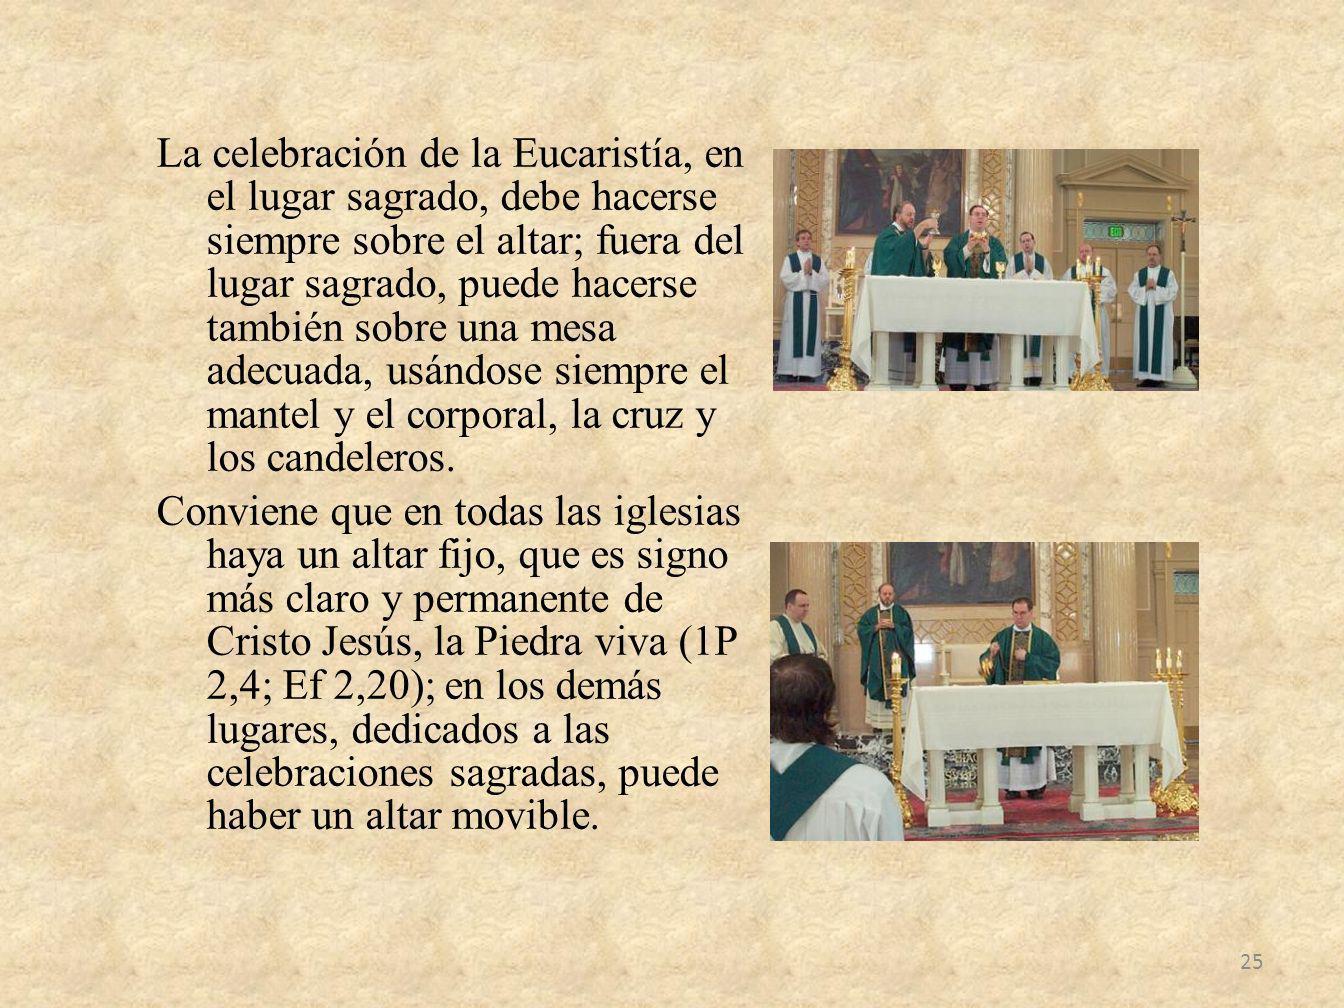 La celebración de la Eucaristía, en el lugar sagrado, debe hacerse siempre sobre el altar; fuera del lugar sagrado, puede hacerse también sobre una mesa adecuada, usándose siempre el mantel y el corporal, la cruz y los candeleros.